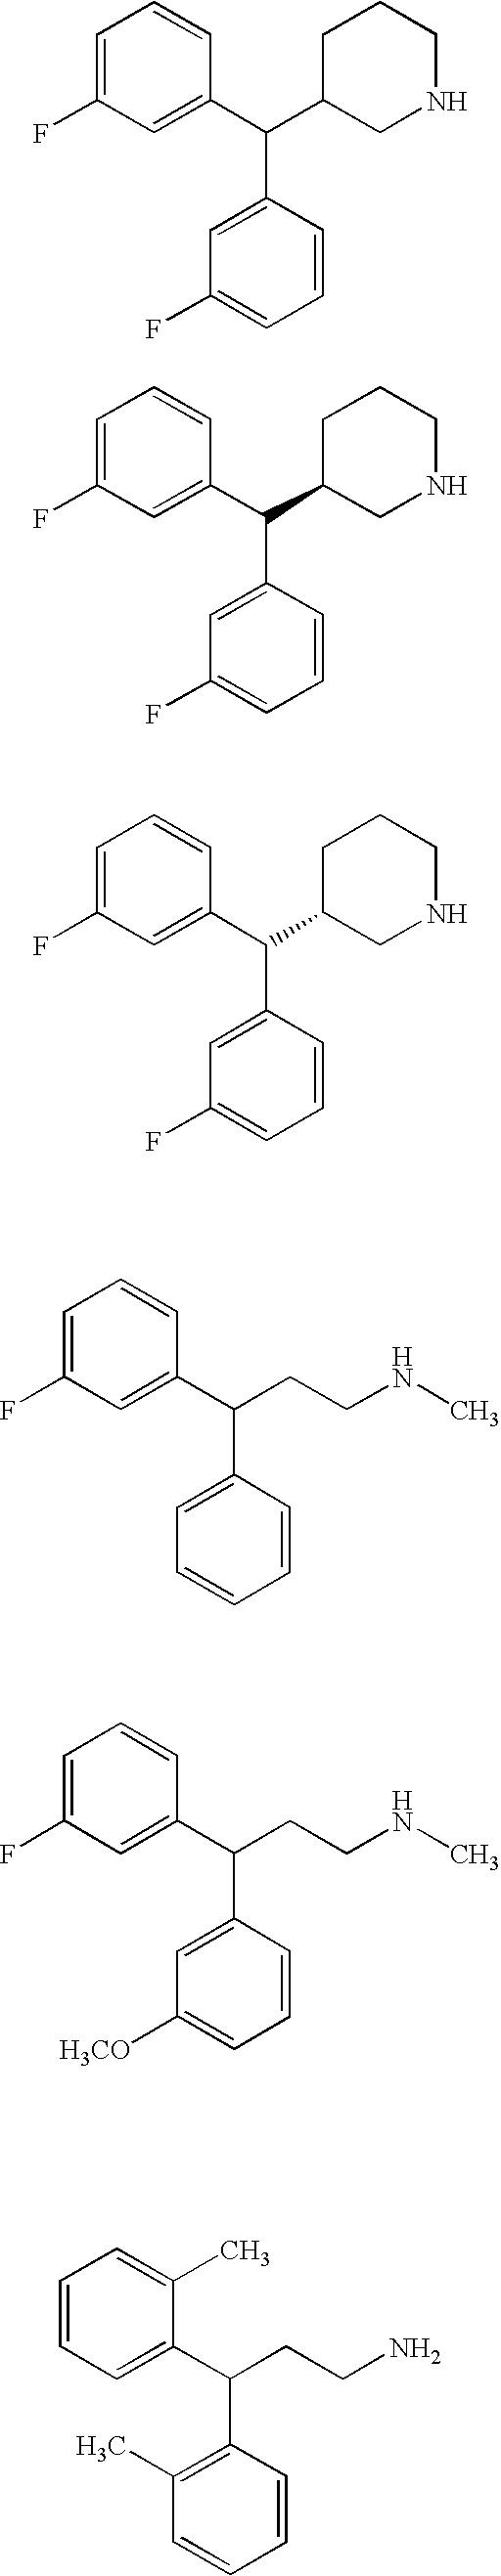 Figure US20050282859A1-20051222-C00068